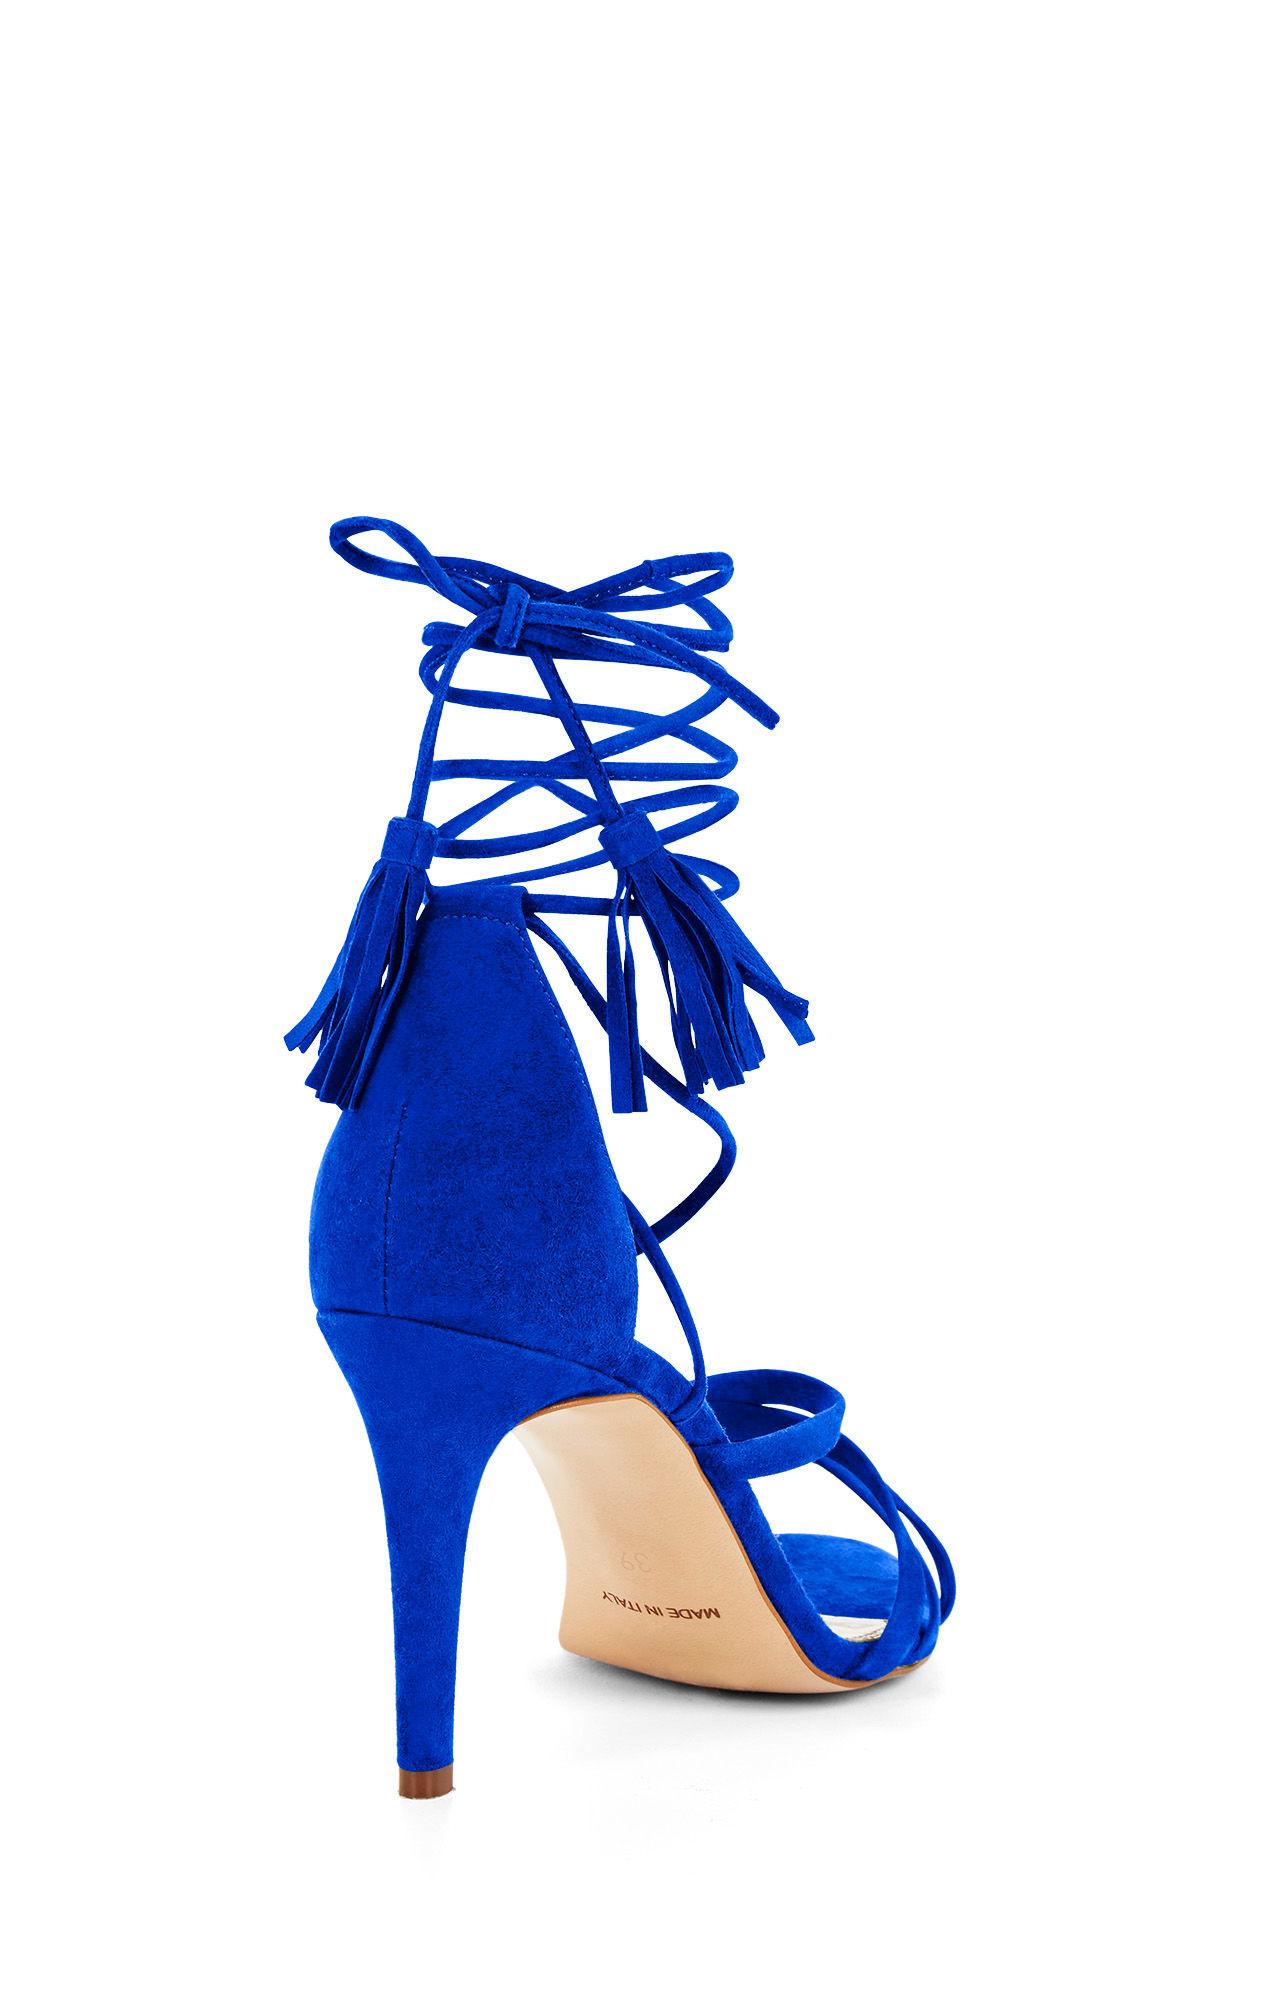 3bf2b0376c BCBGMAXAZRIA Lenita High-heel Suede Strappy Sandal in Blue - Lyst